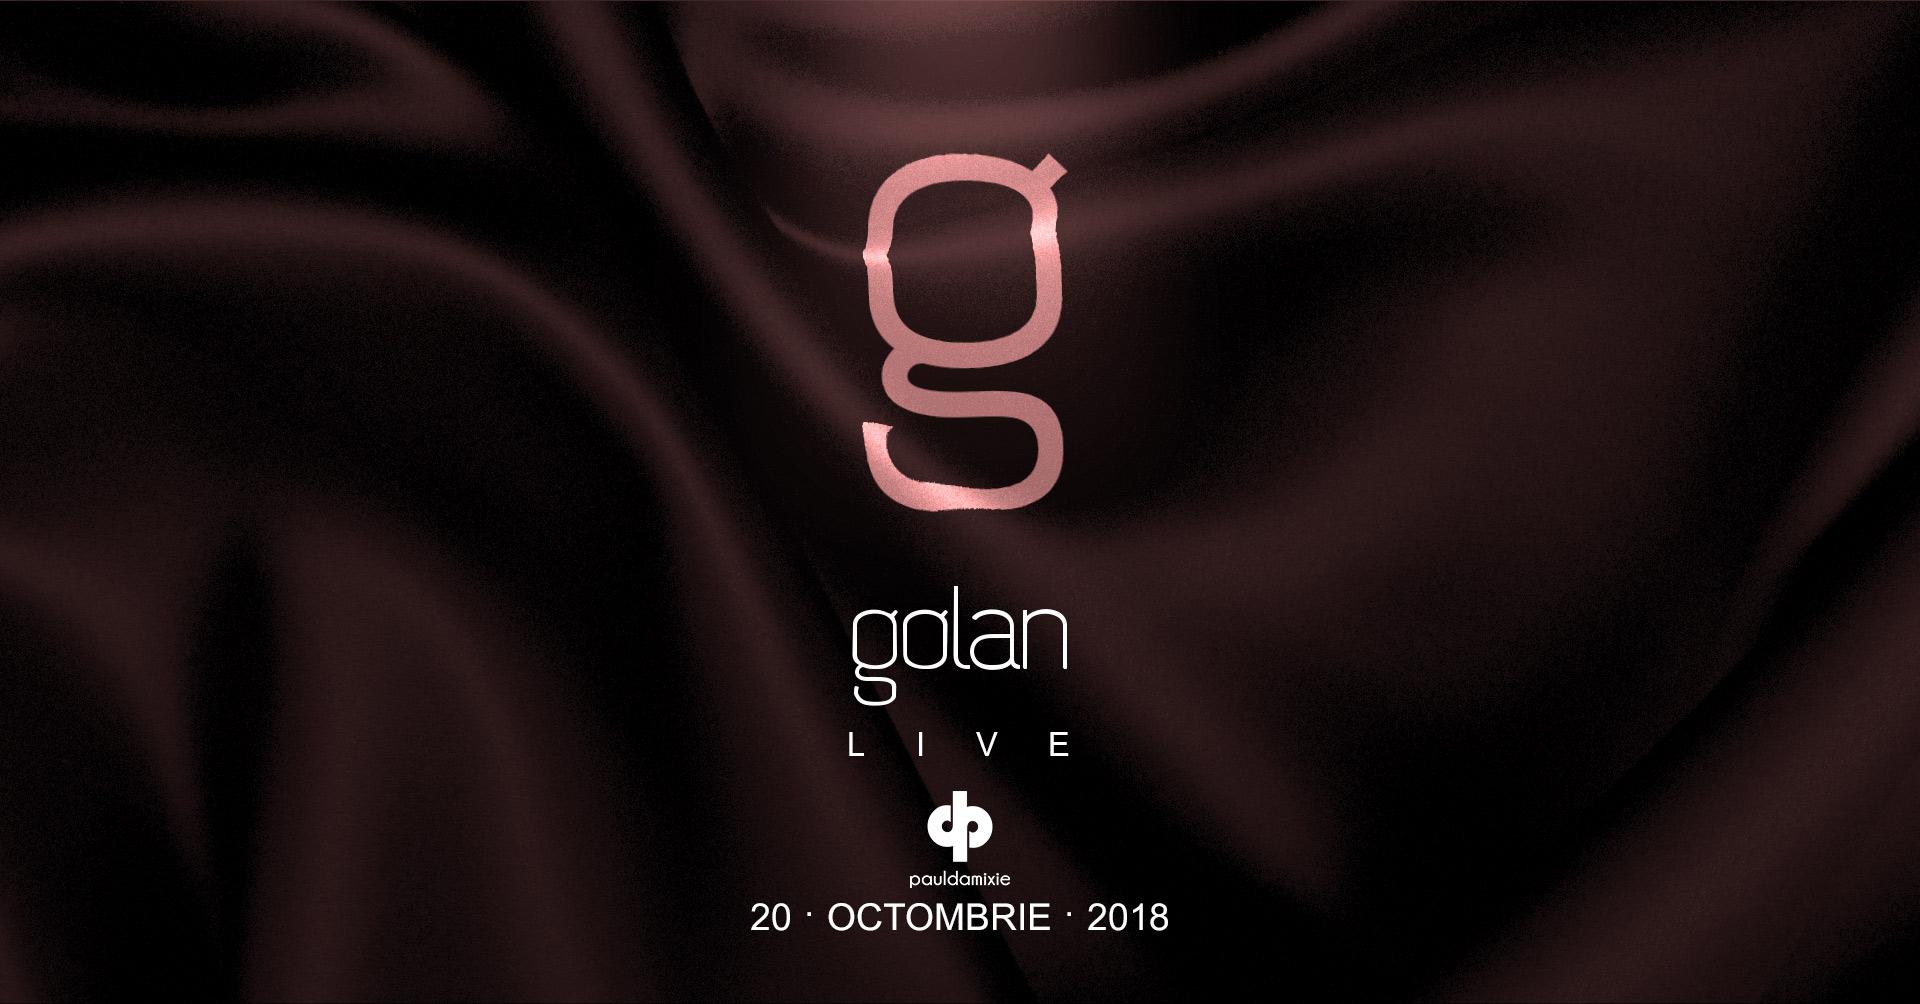 Golan Landing